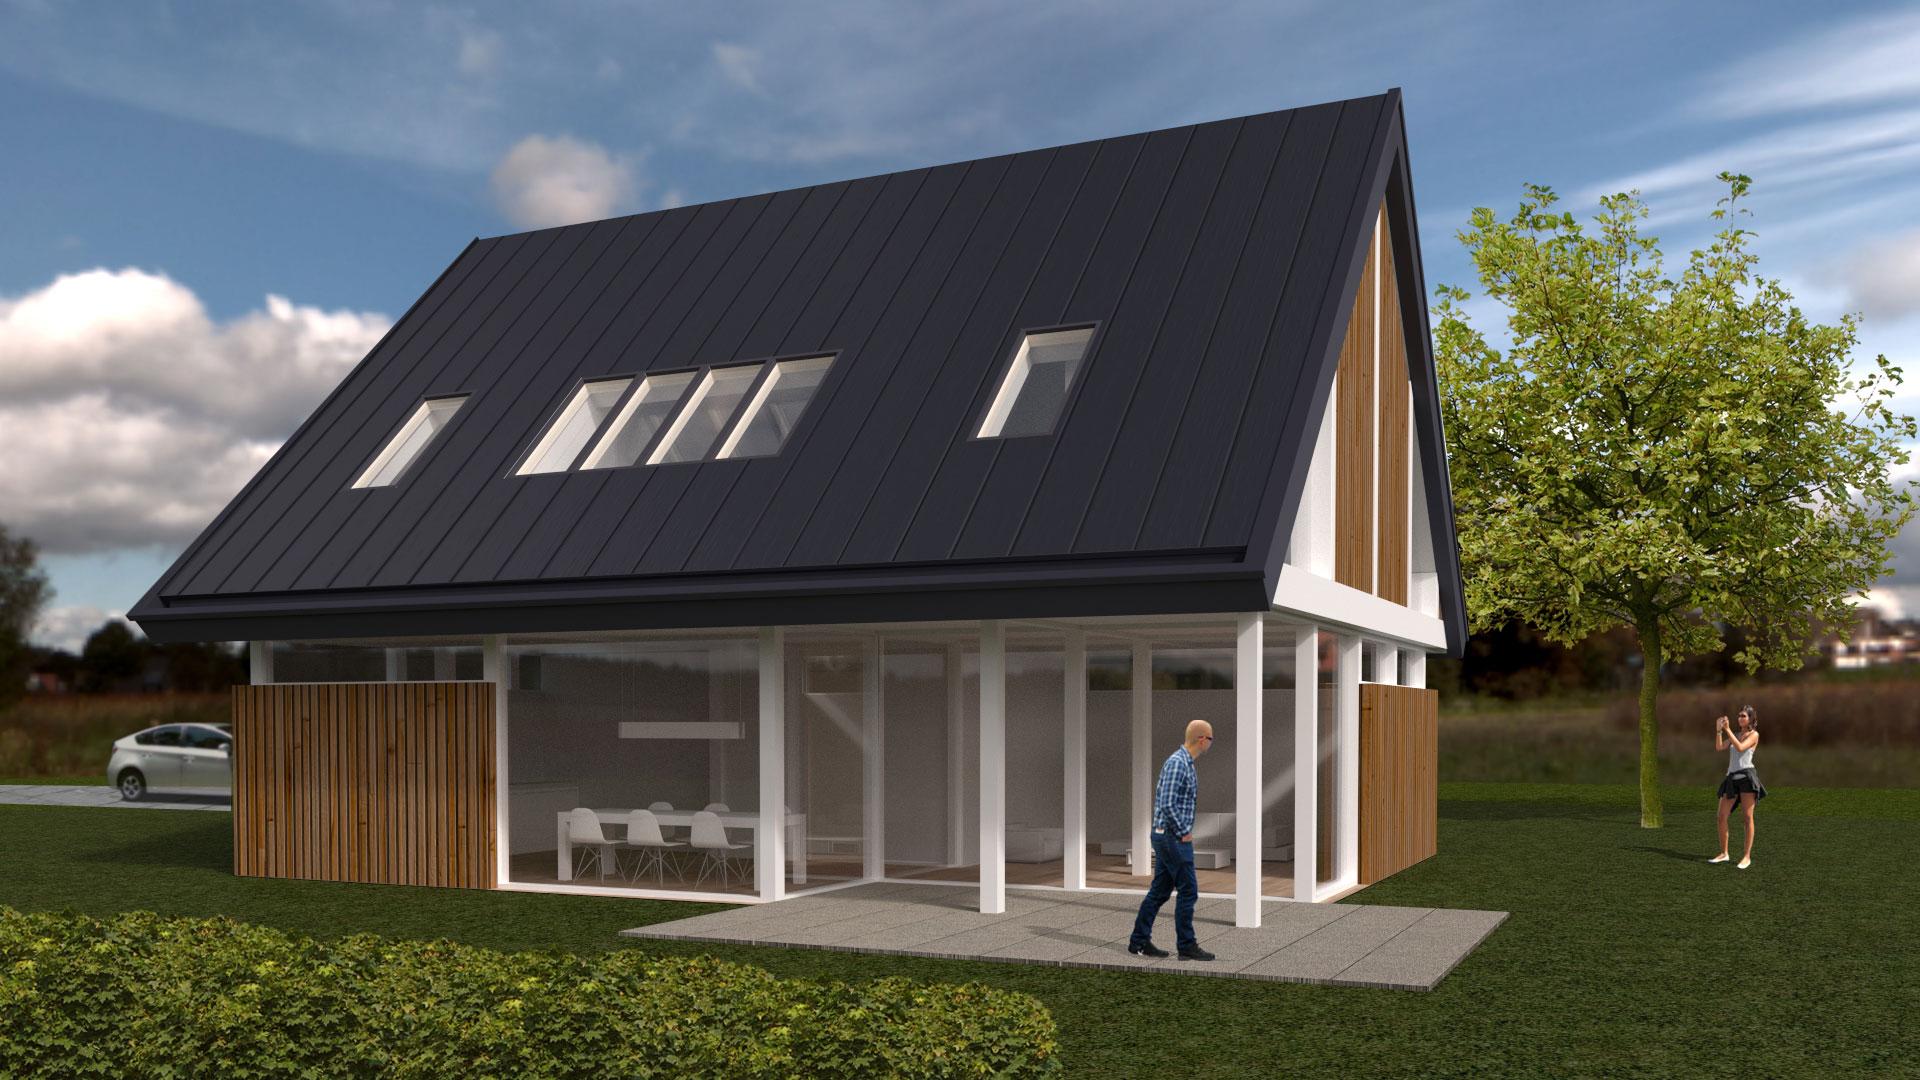 Schuurwoning Bouwen Kosten : Familie schuurwoning u pb schuurwoning bouwen